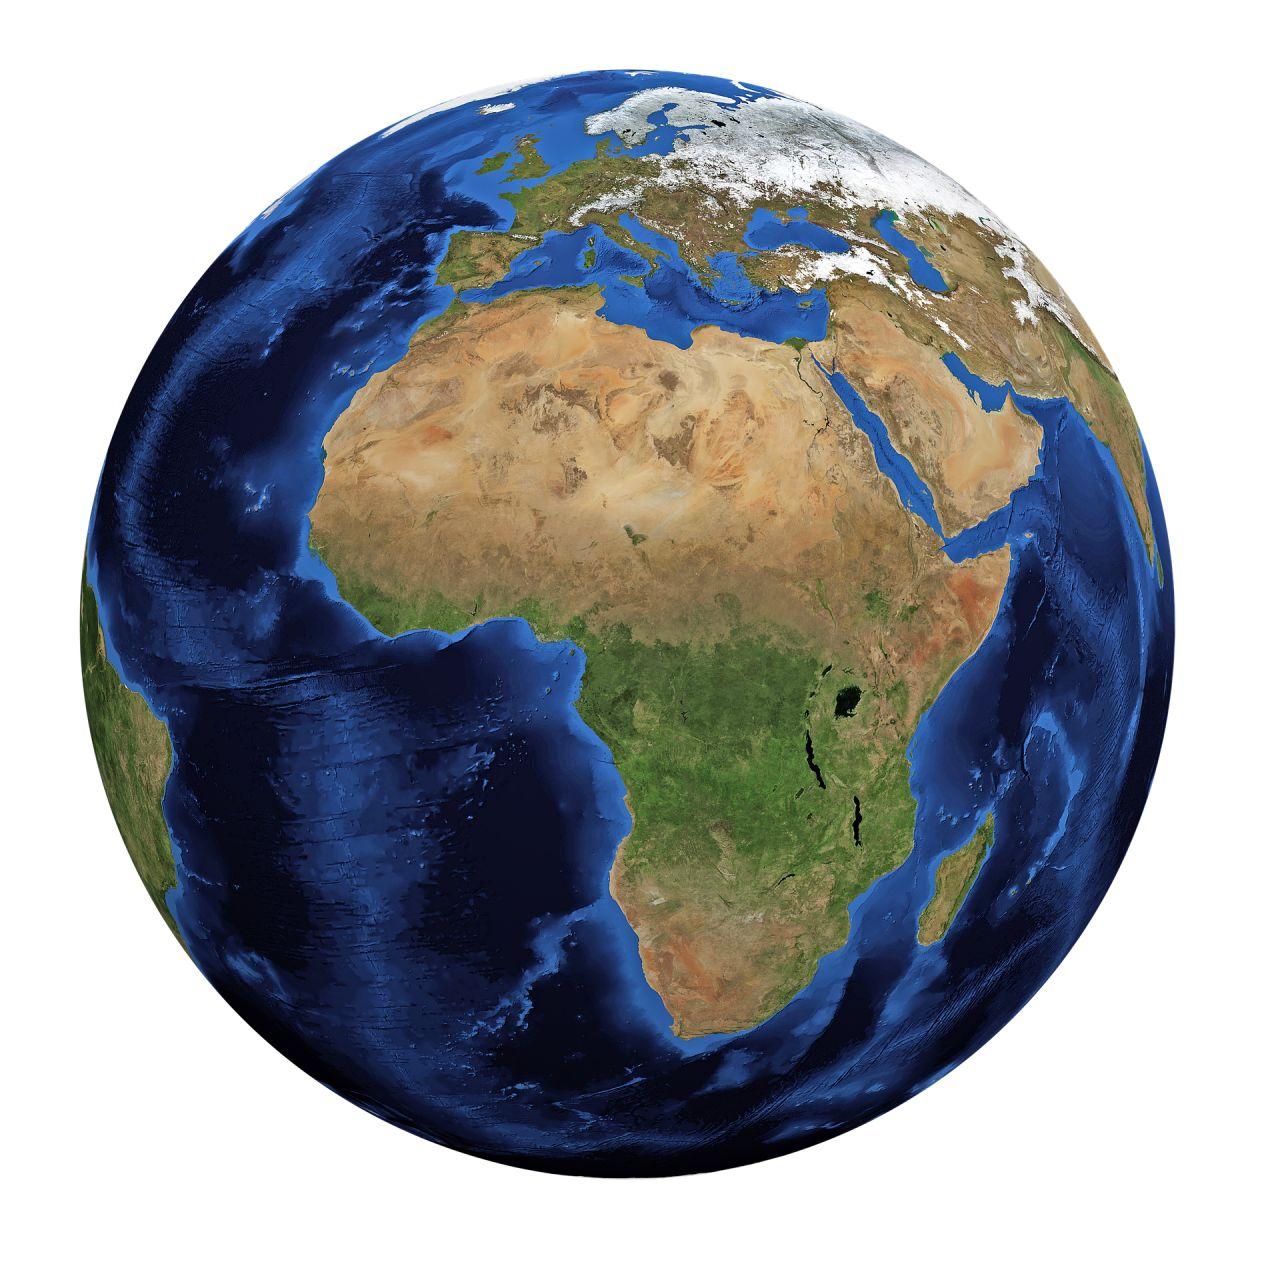 zeme-vznik-zivota